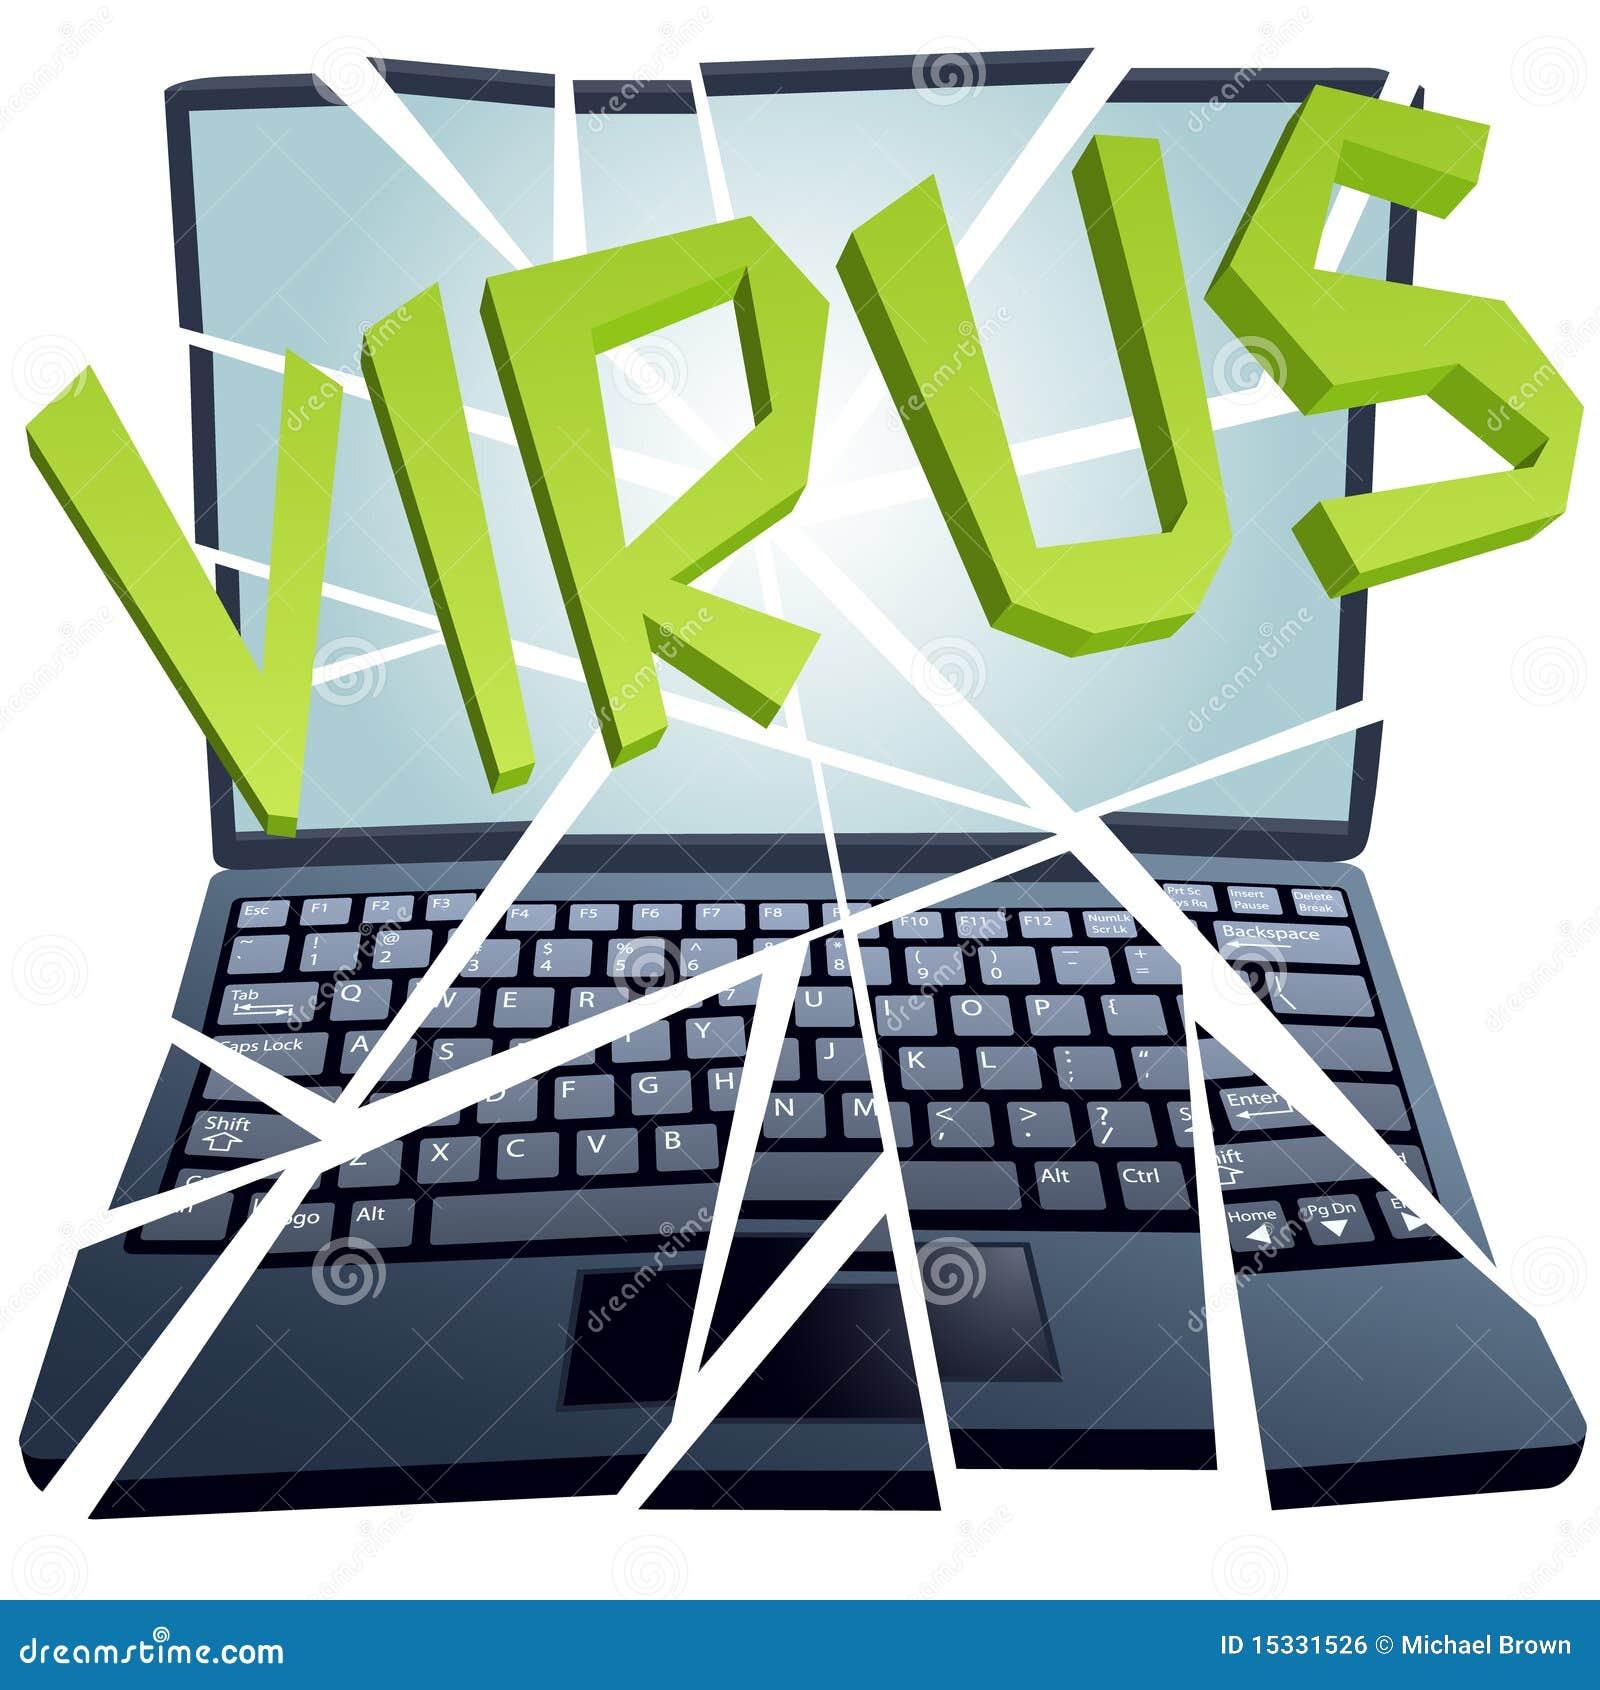 le virus d 39 ordinateur casse la garantie pour tomber en panne l 39 ordinateur portatif image libre. Black Bedroom Furniture Sets. Home Design Ideas